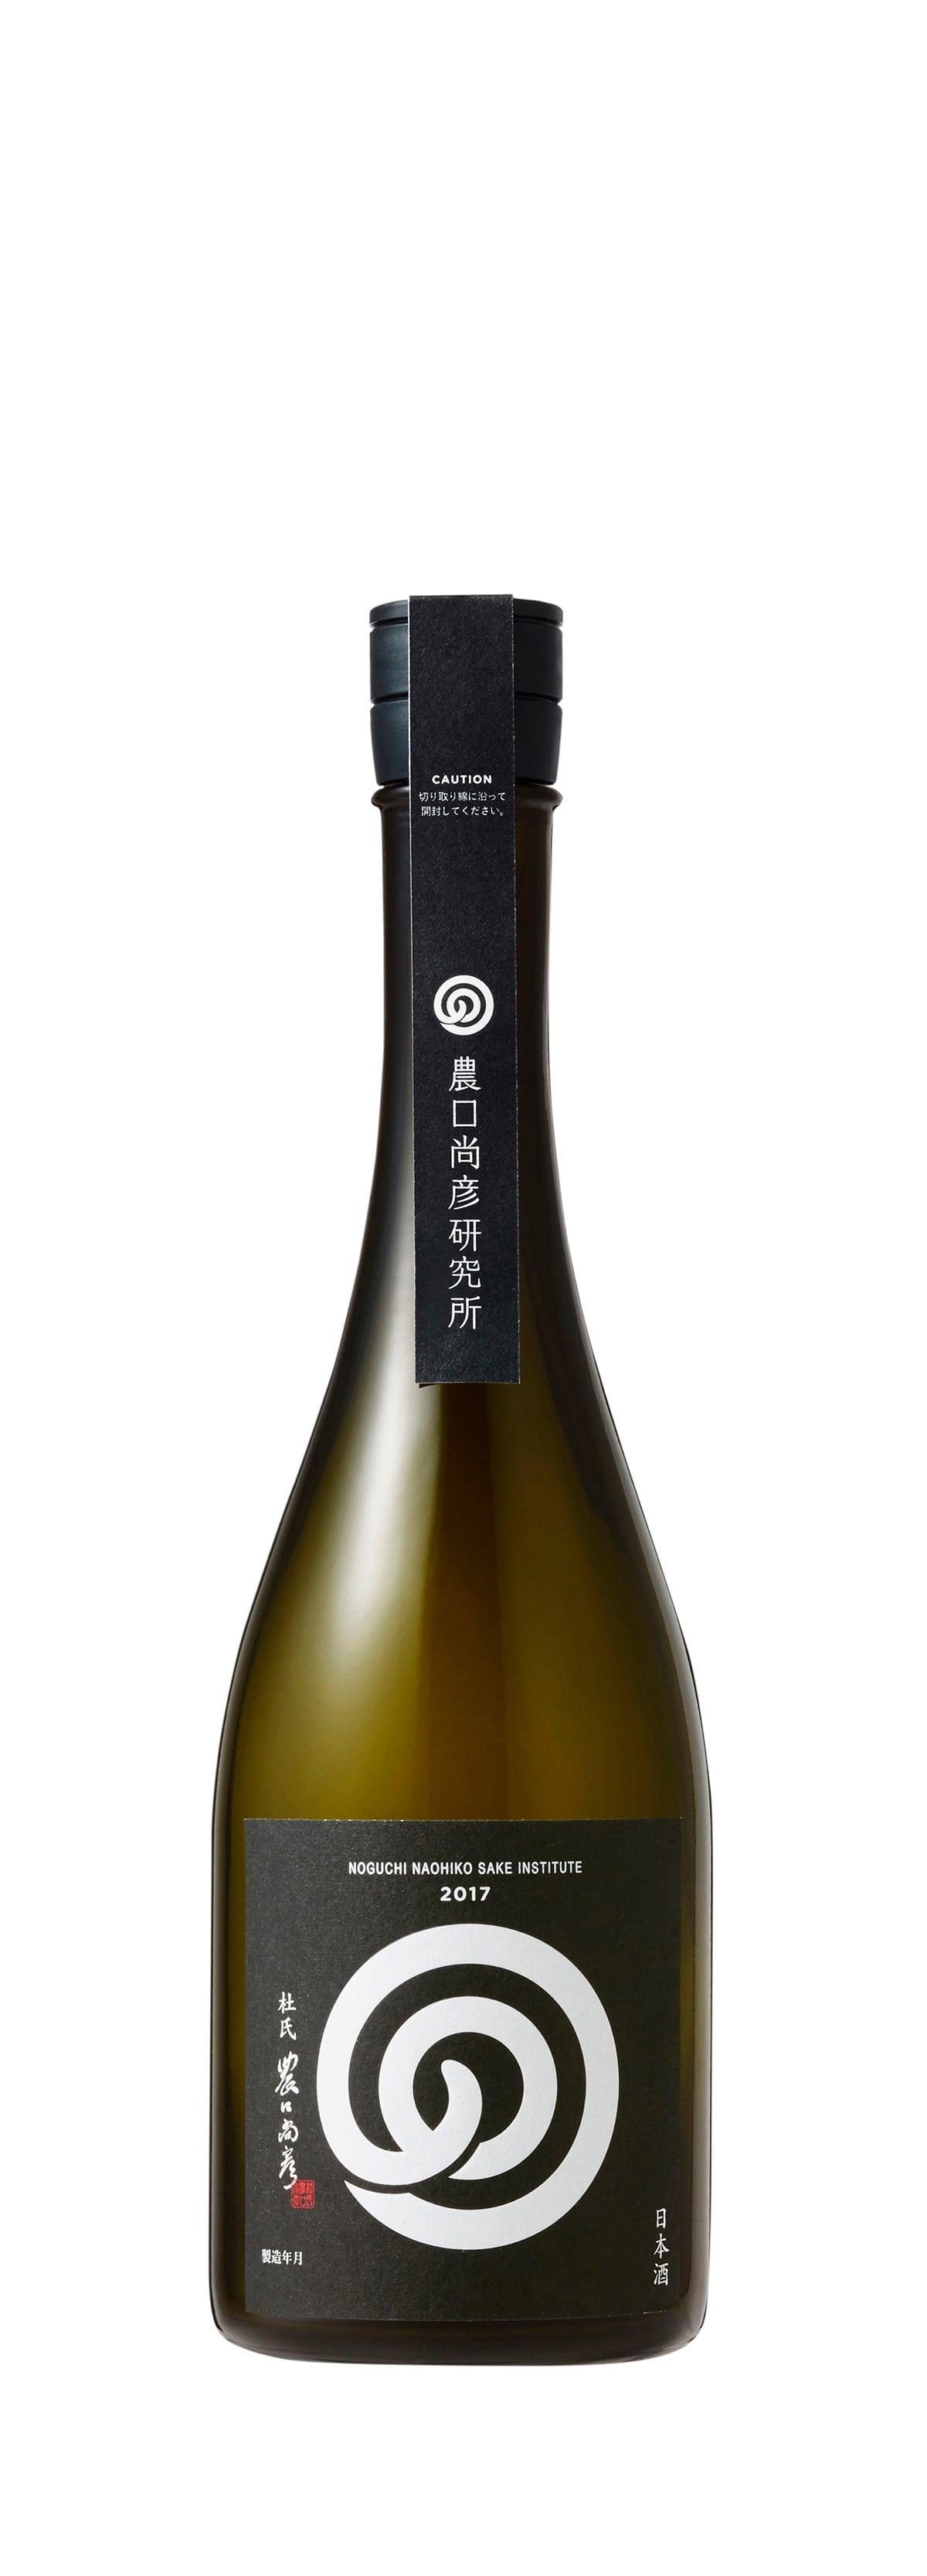 【クール便指定】農口尚彦研究所 無濾過生原酒 本醸造酒 2019 vintage 720ml